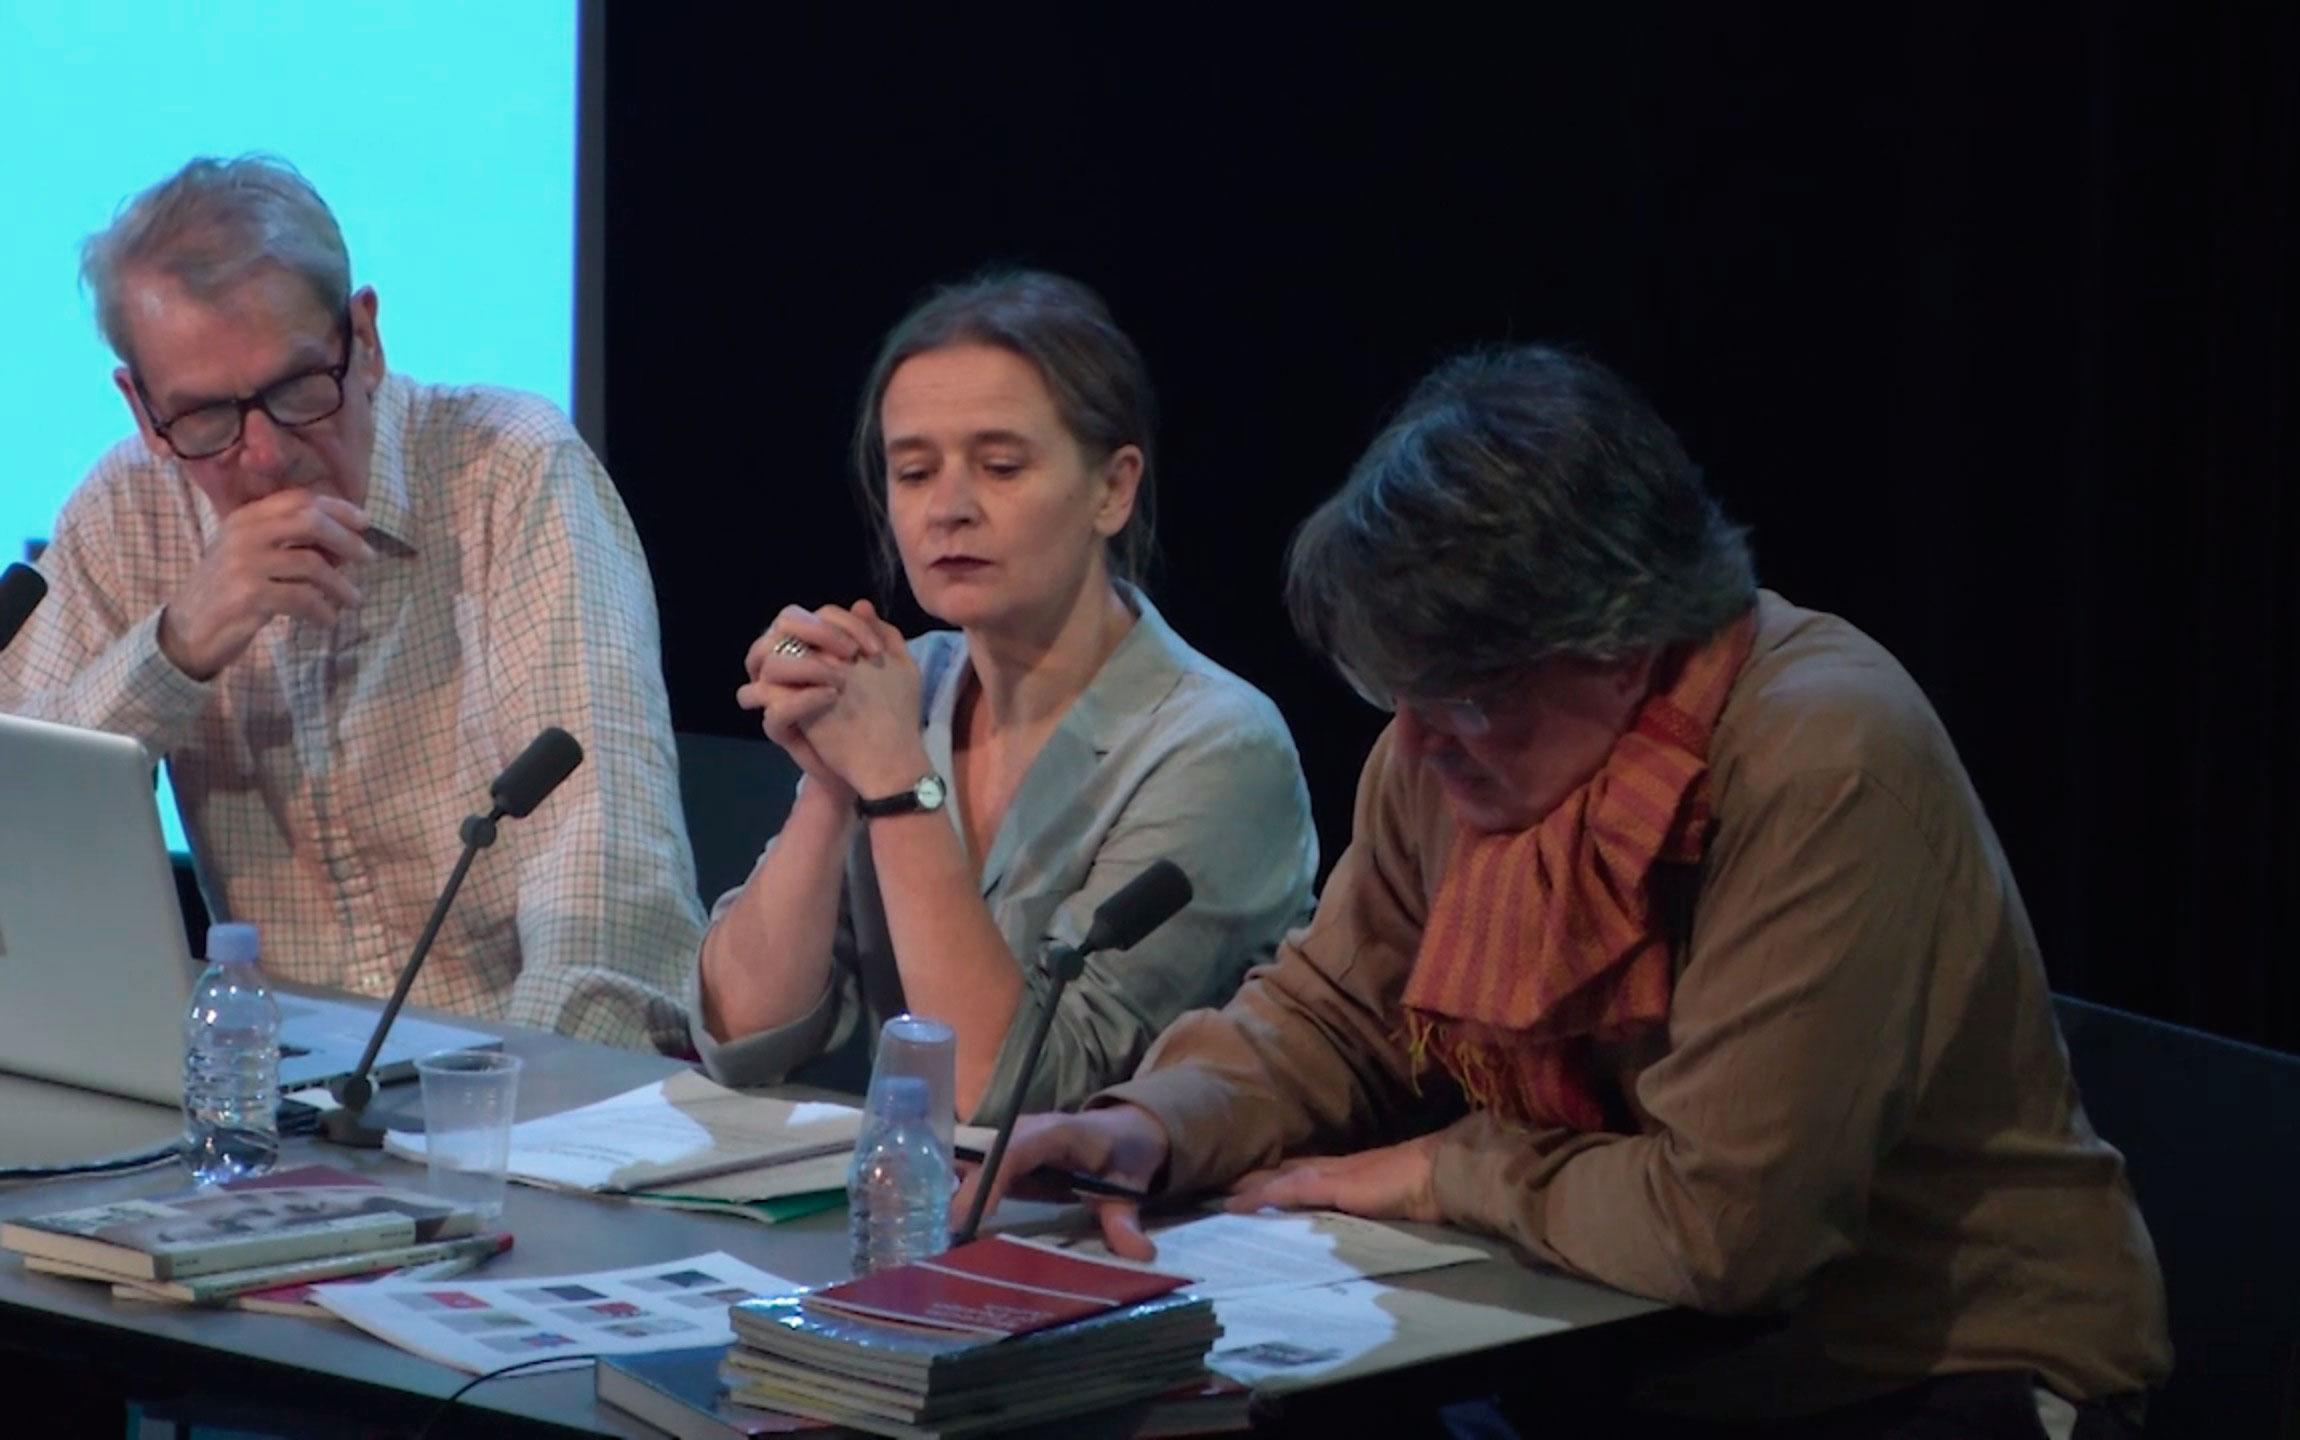 Faire-Collection-Alain-Menard-Bettina-Richter-conference-centre-pompidou